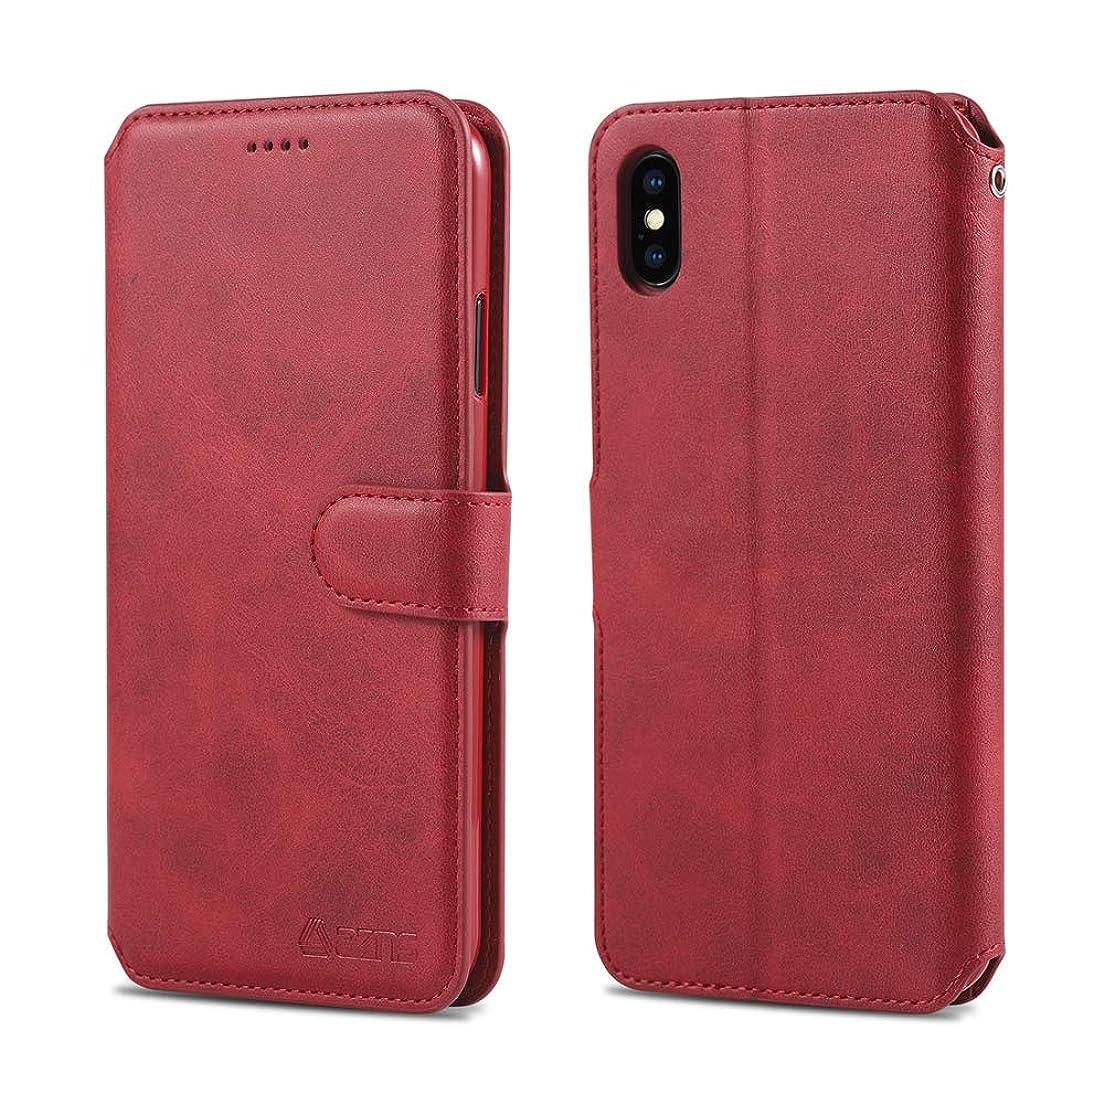 絶対にニッケル違反するの iPhone Xs Max シェル, [余分な カード スロット] Moonmini [財布 シェル] PU レザー TPU ケーシング 耐久保護ケース [ドロッププロテクション] カバー の iPhone Xs Max, Red